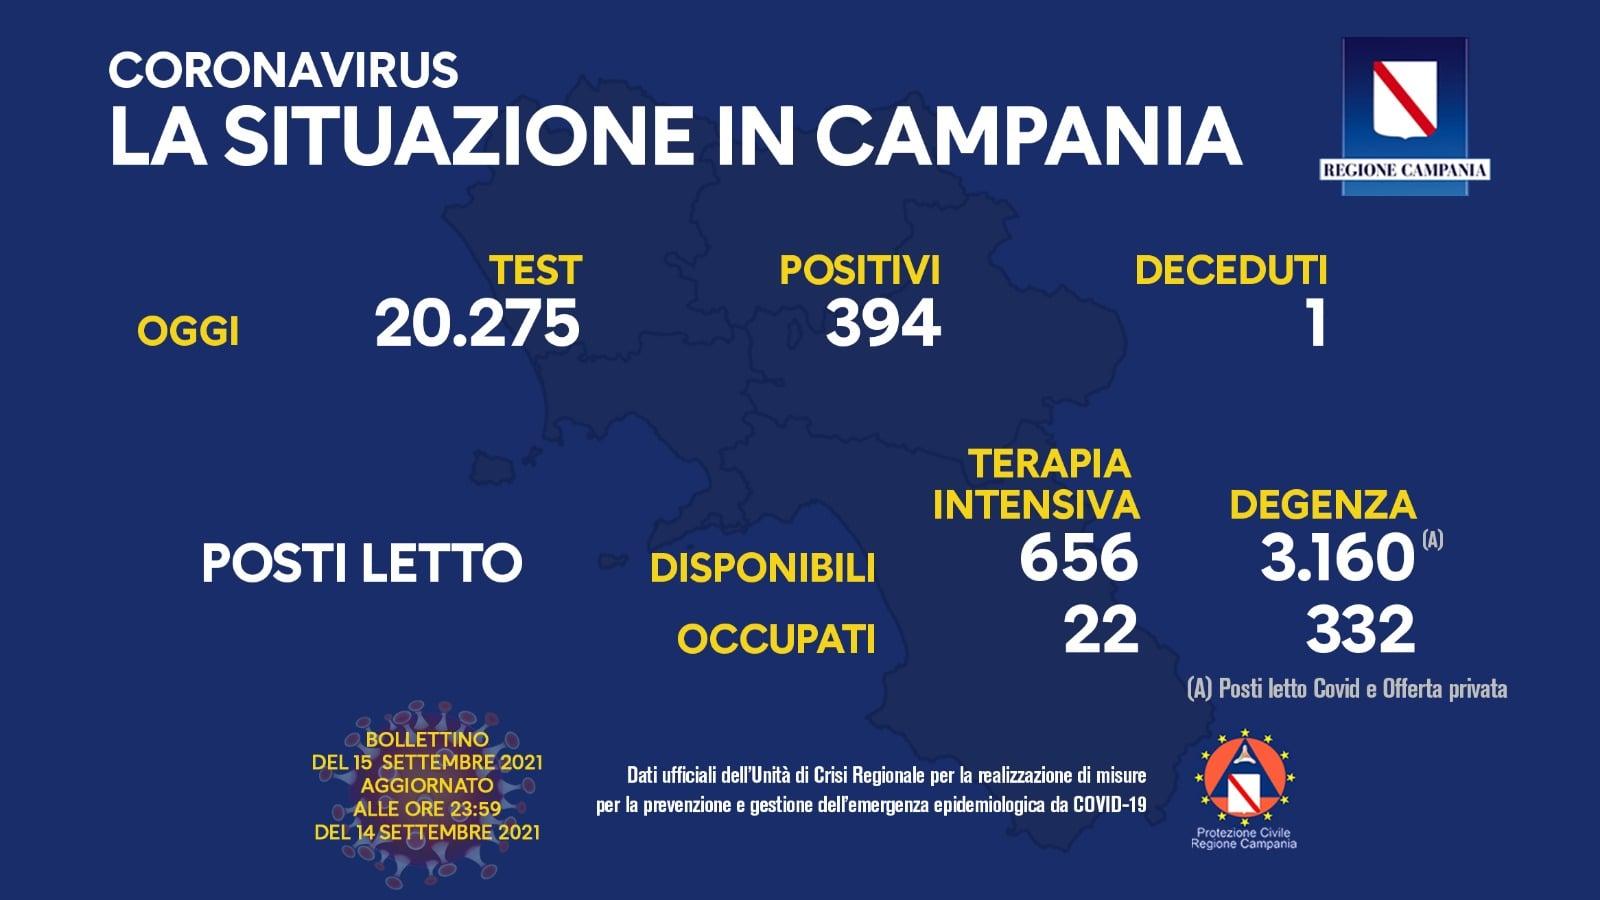 Covid 19 in Campania, bollettino 14 settembre: 394 positivi